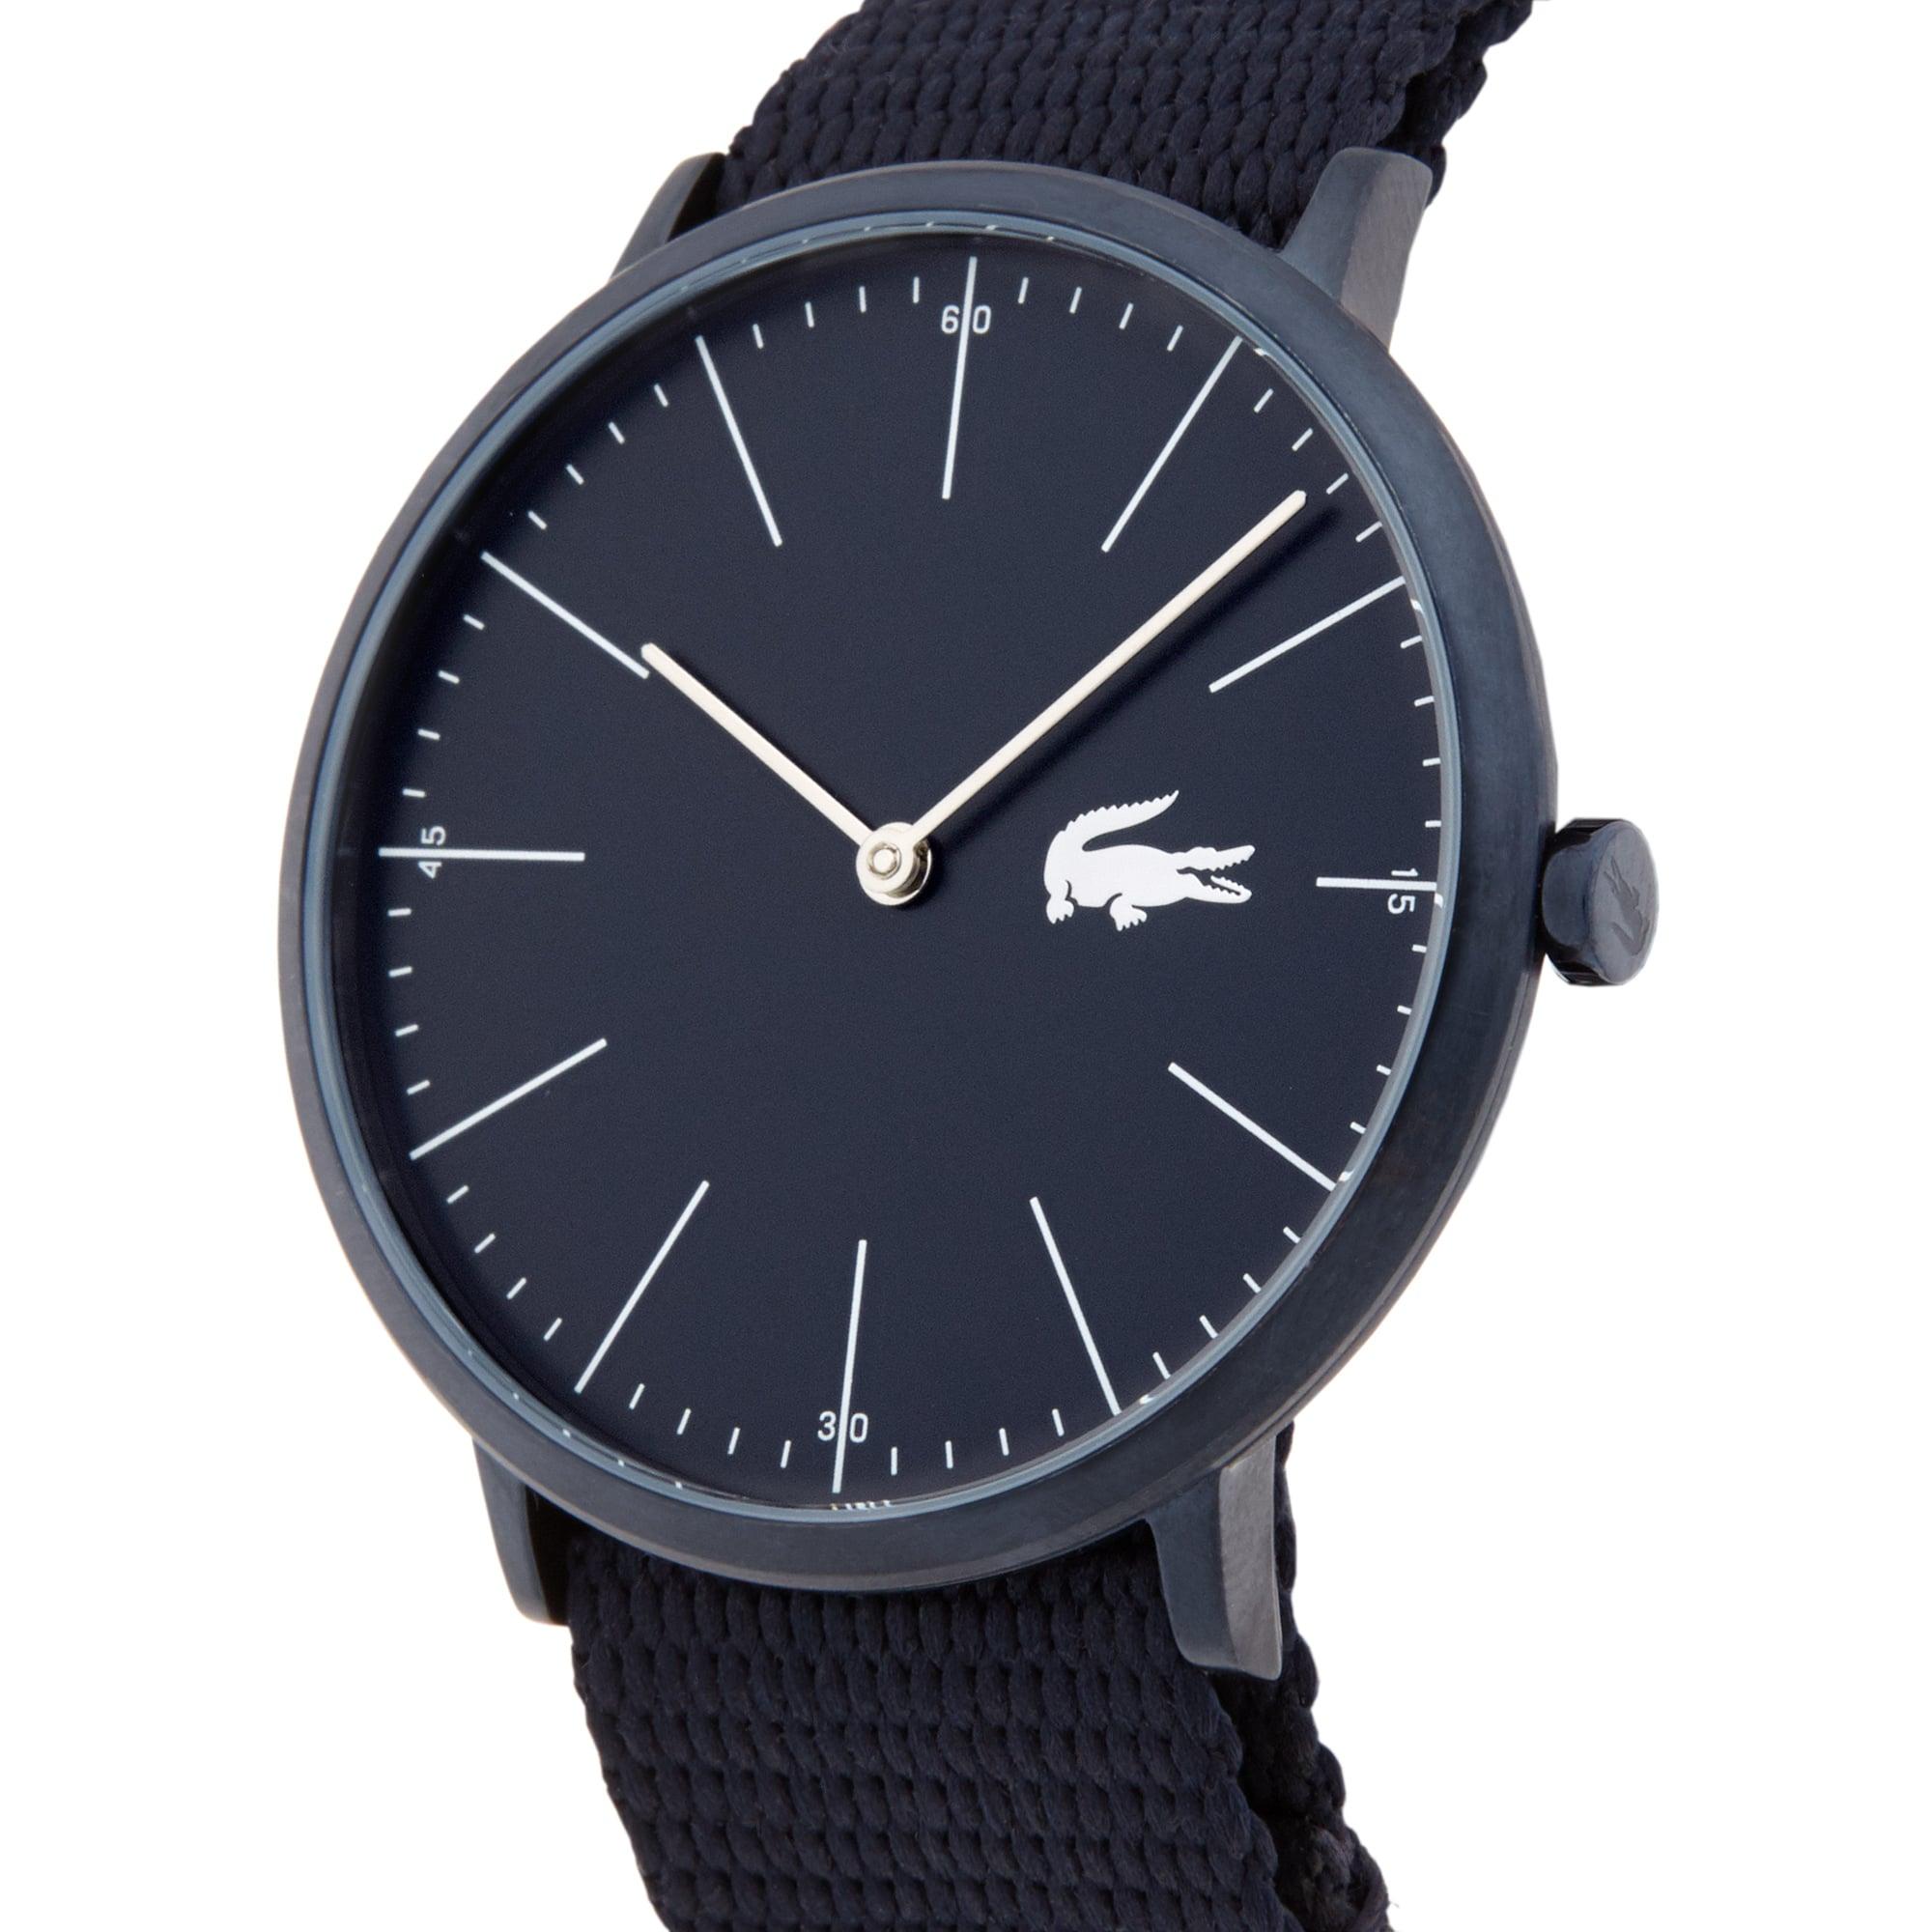 Relógio ultra slim Moon de homem com bracelete em tecido preto